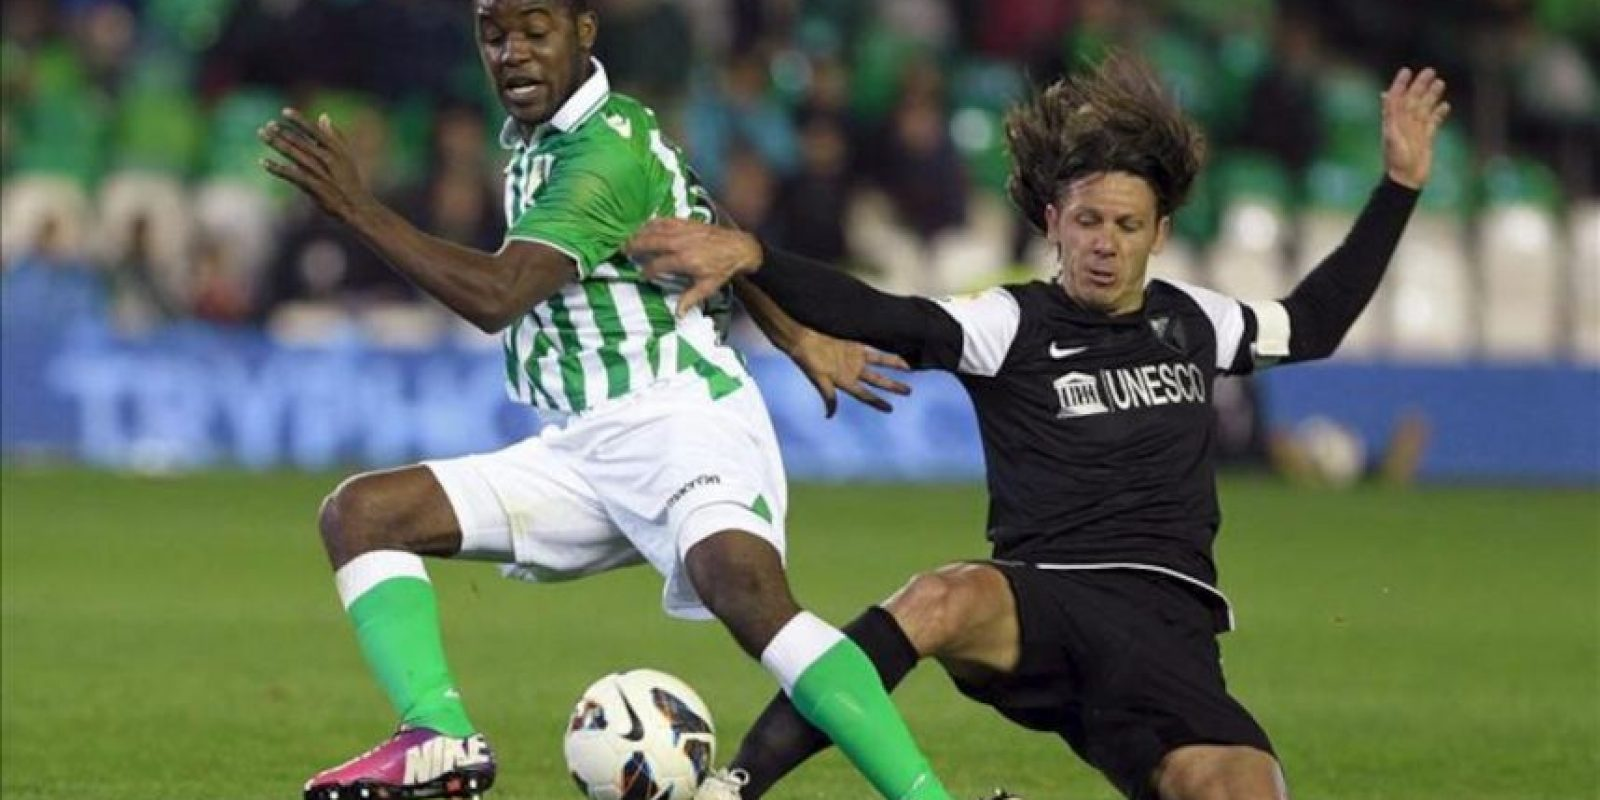 El delantero costarricense del Real Betis Joel Campbell (i) lucha un balón con el defensa argentino del Málaga Martín Demichelis durante el partido de la vigésimo quinta jornada de Liga de Primera División disputado en el estadio Benito Villamarín de Sevilla. EFE